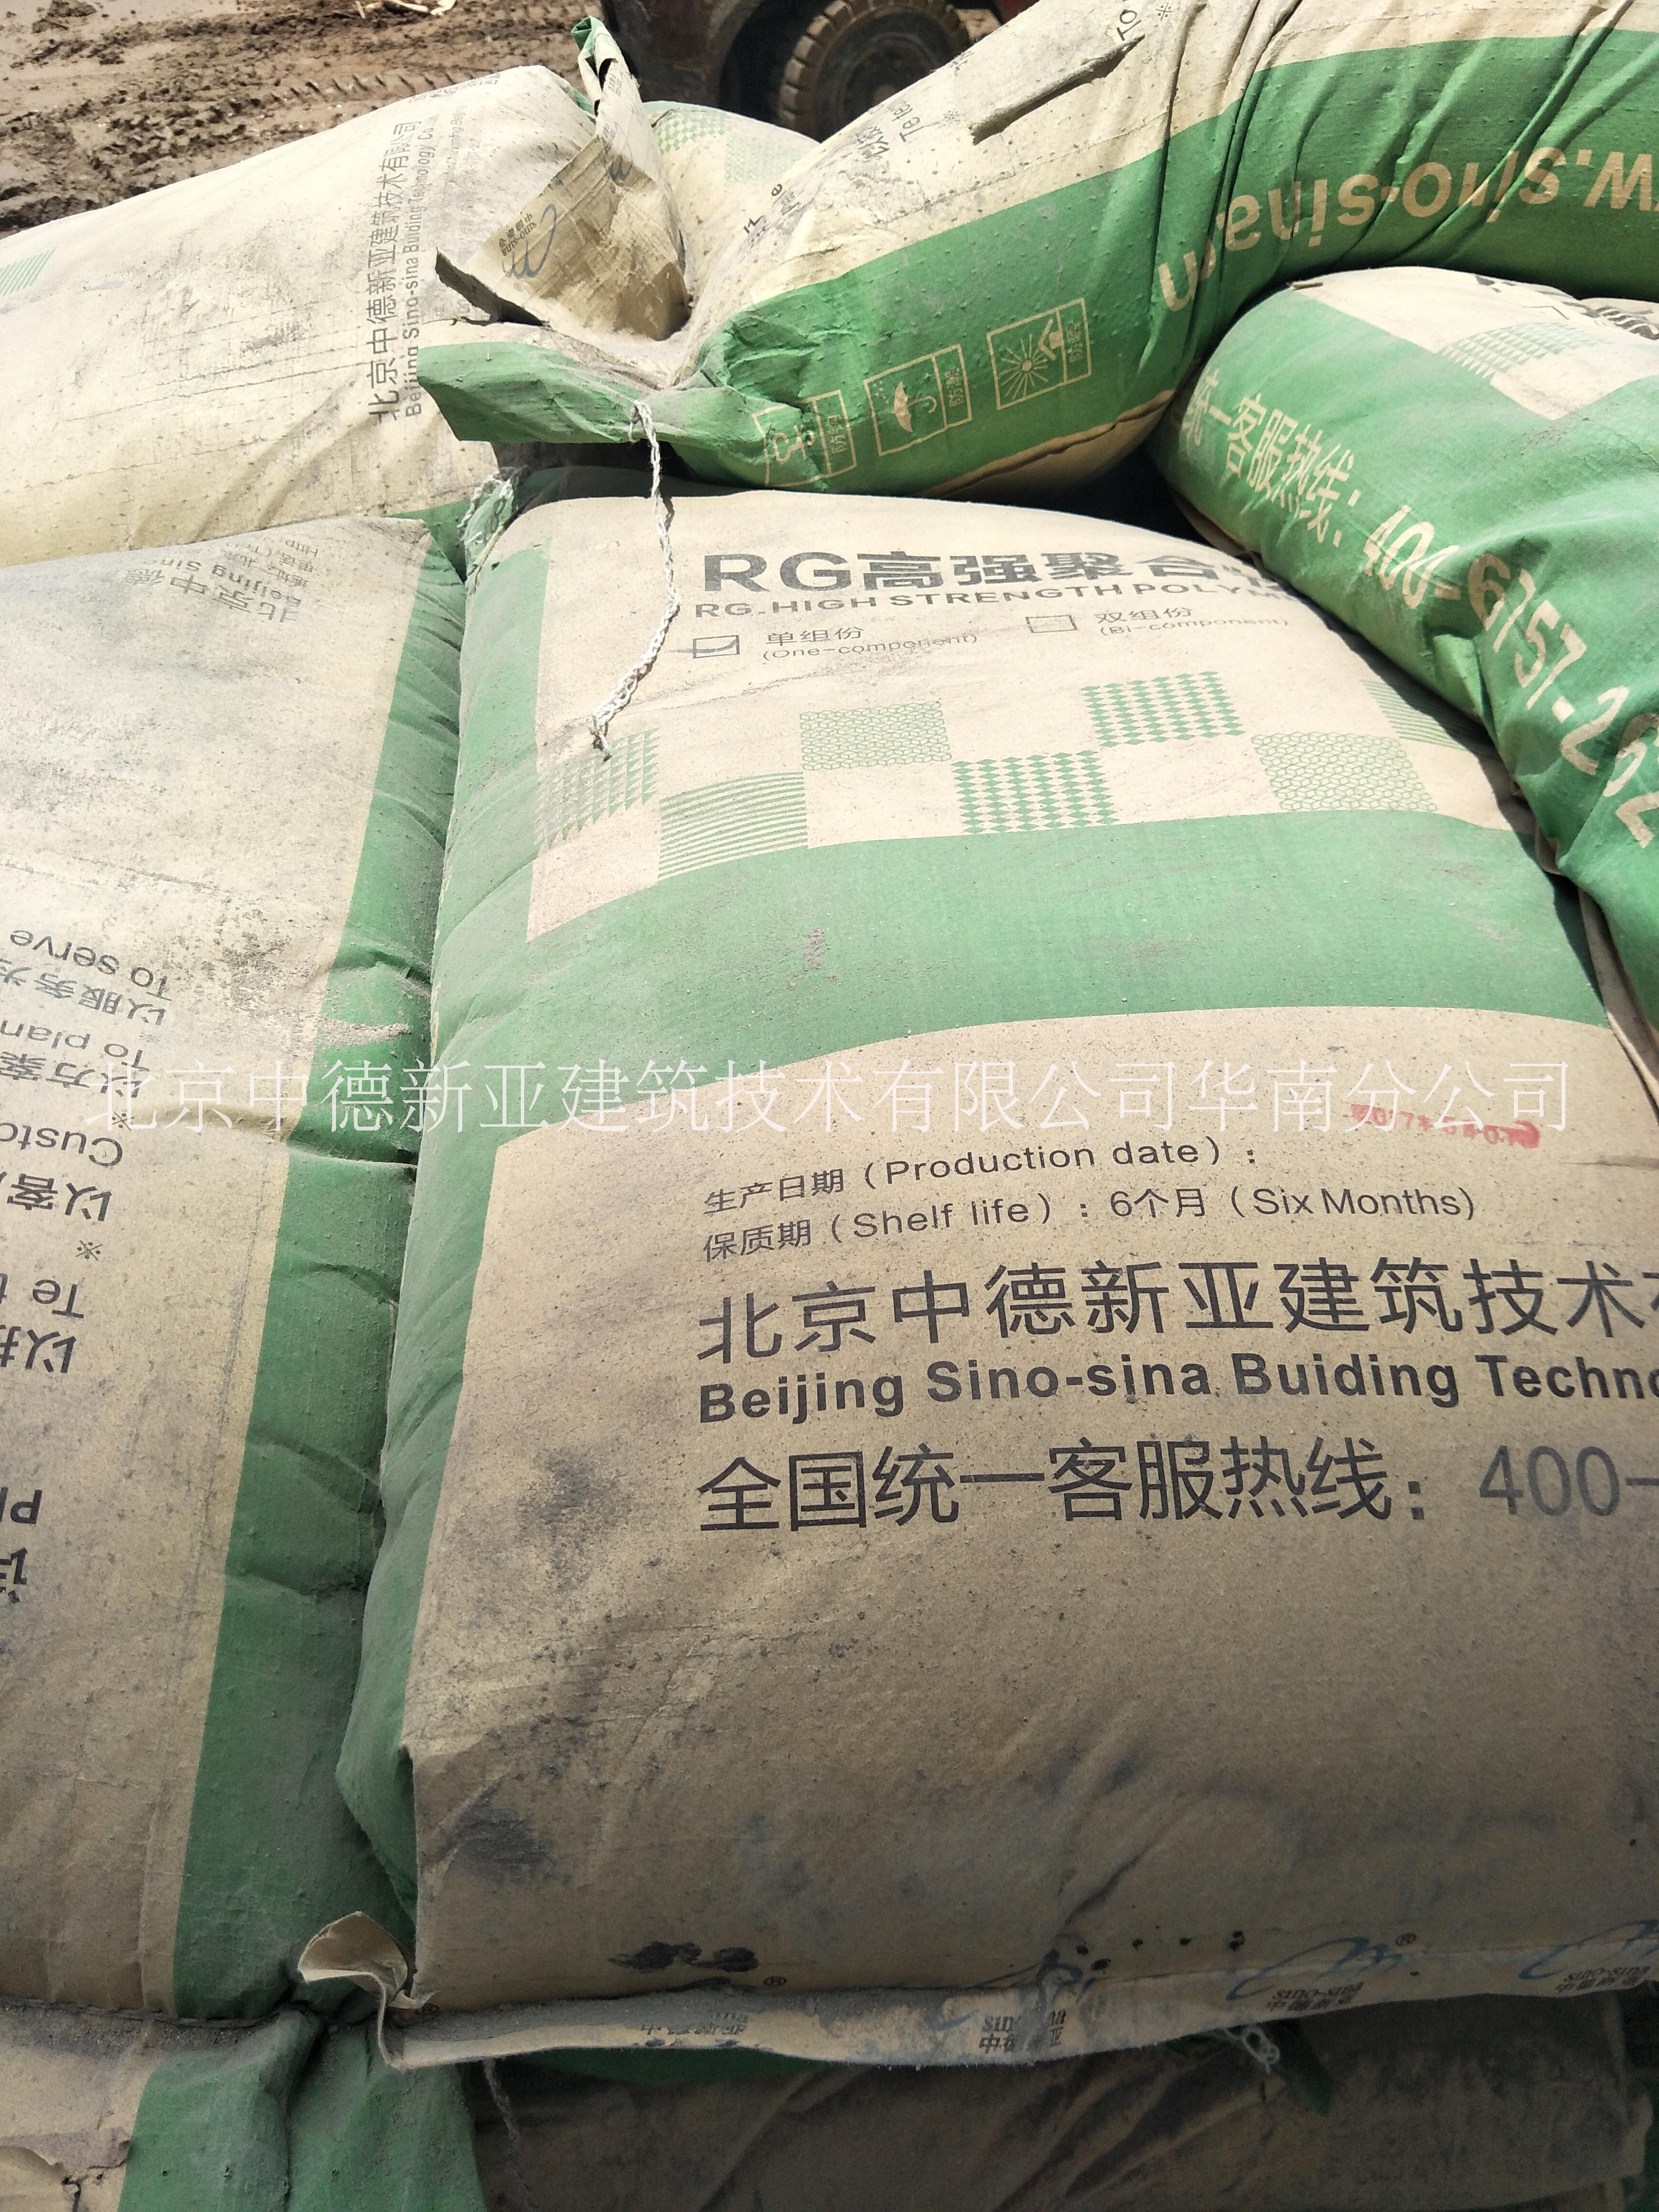 海南RG高强聚合物砂浆海南高强聚合物砂浆厂家高强聚合物砂浆供应